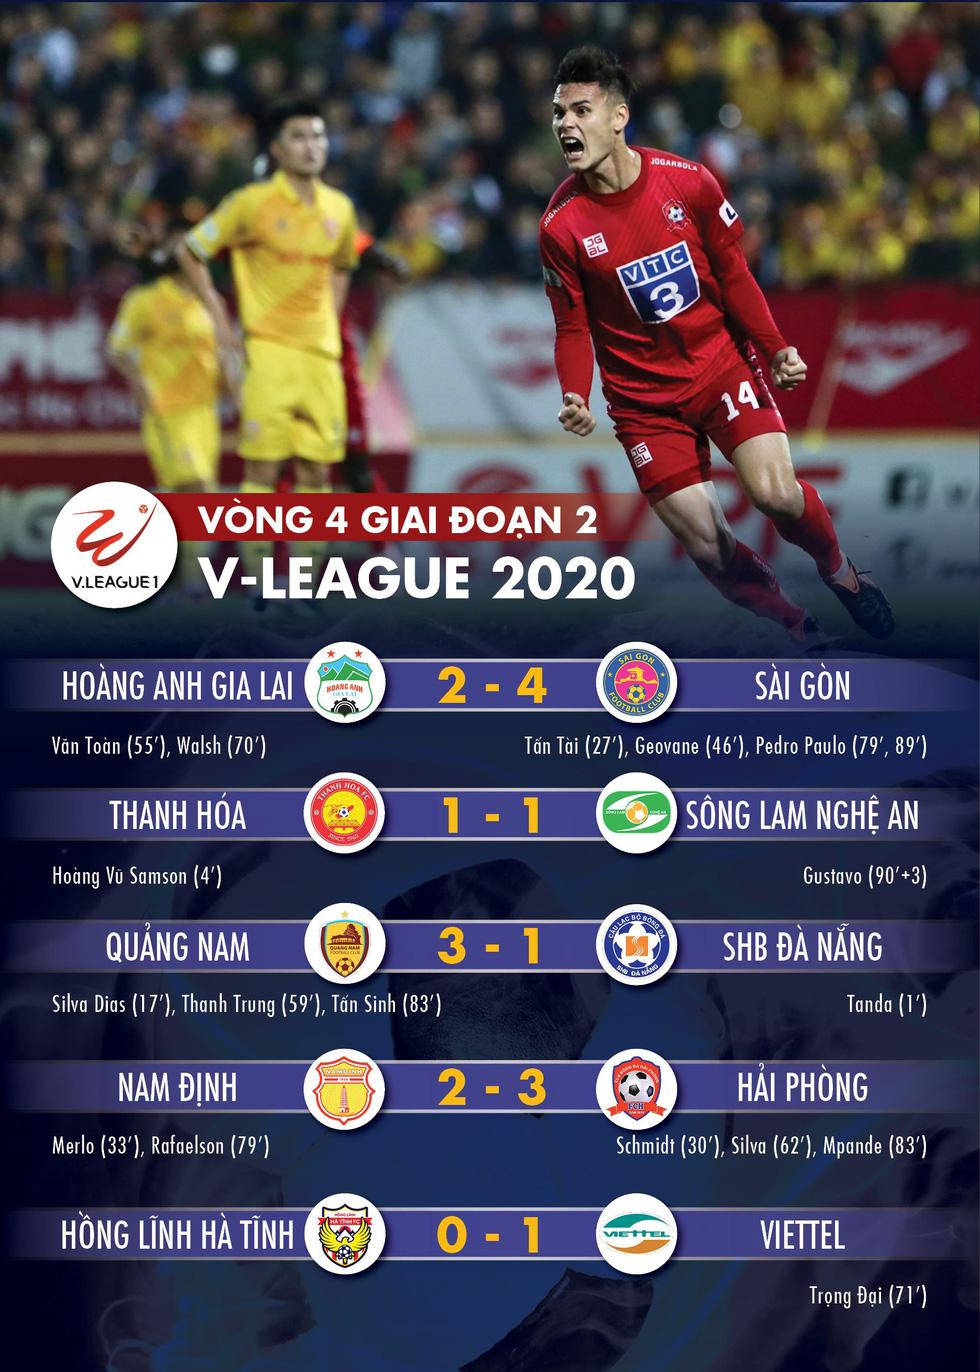 Kết quả, bảng xếp hạng V-League 2020: Hải Phòng trụ hạng, Quảng Nam còn hy vọng - Ảnh 1.